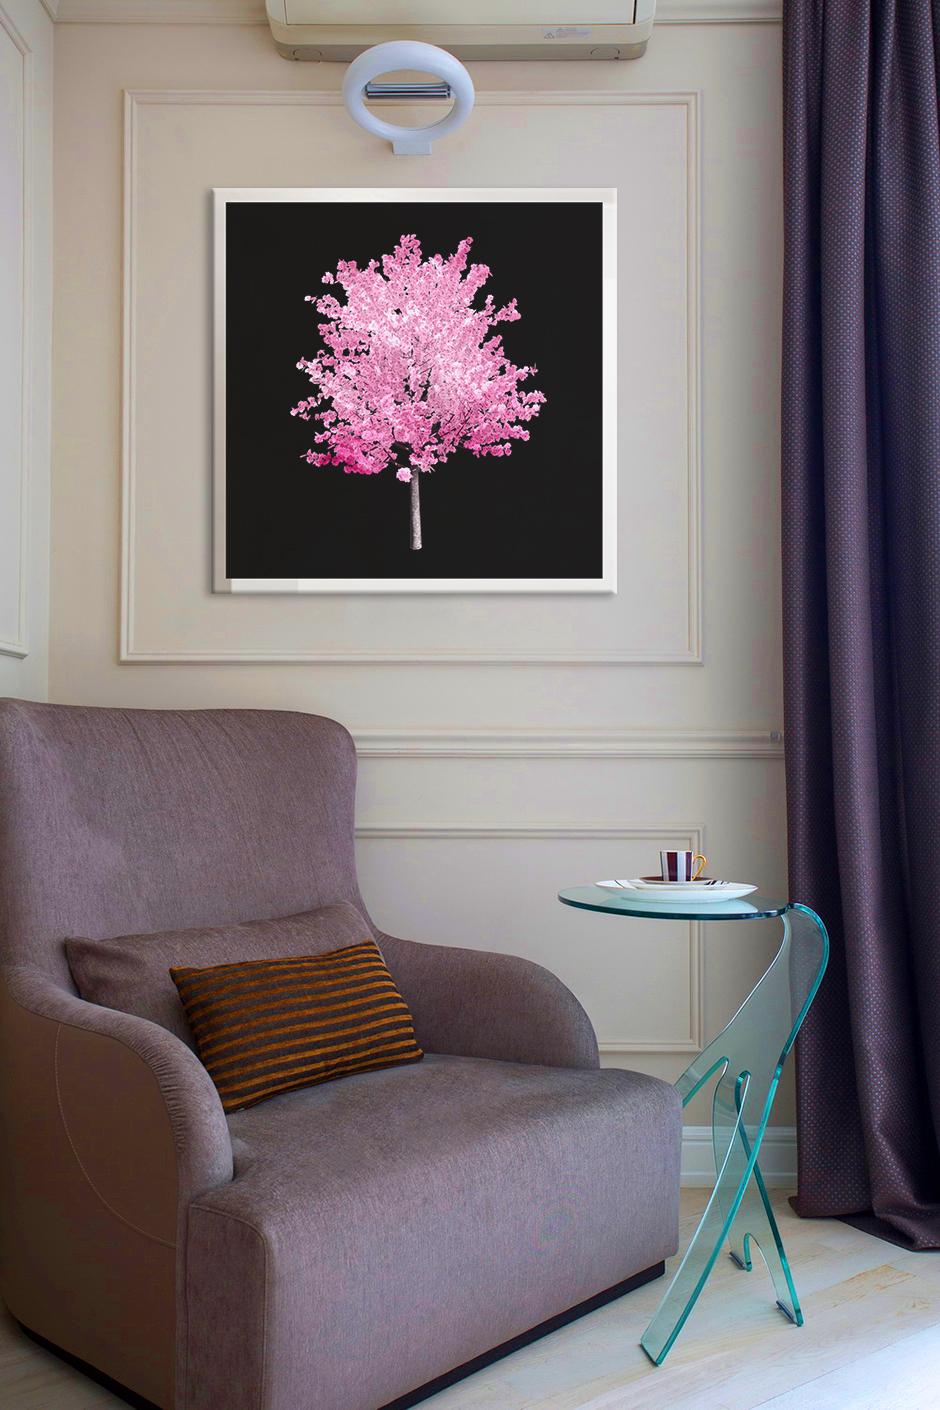 Obraz Ružový Strom na zrkadle Mirrora 58 - 50x50 cm (Obrazy Mirrora)